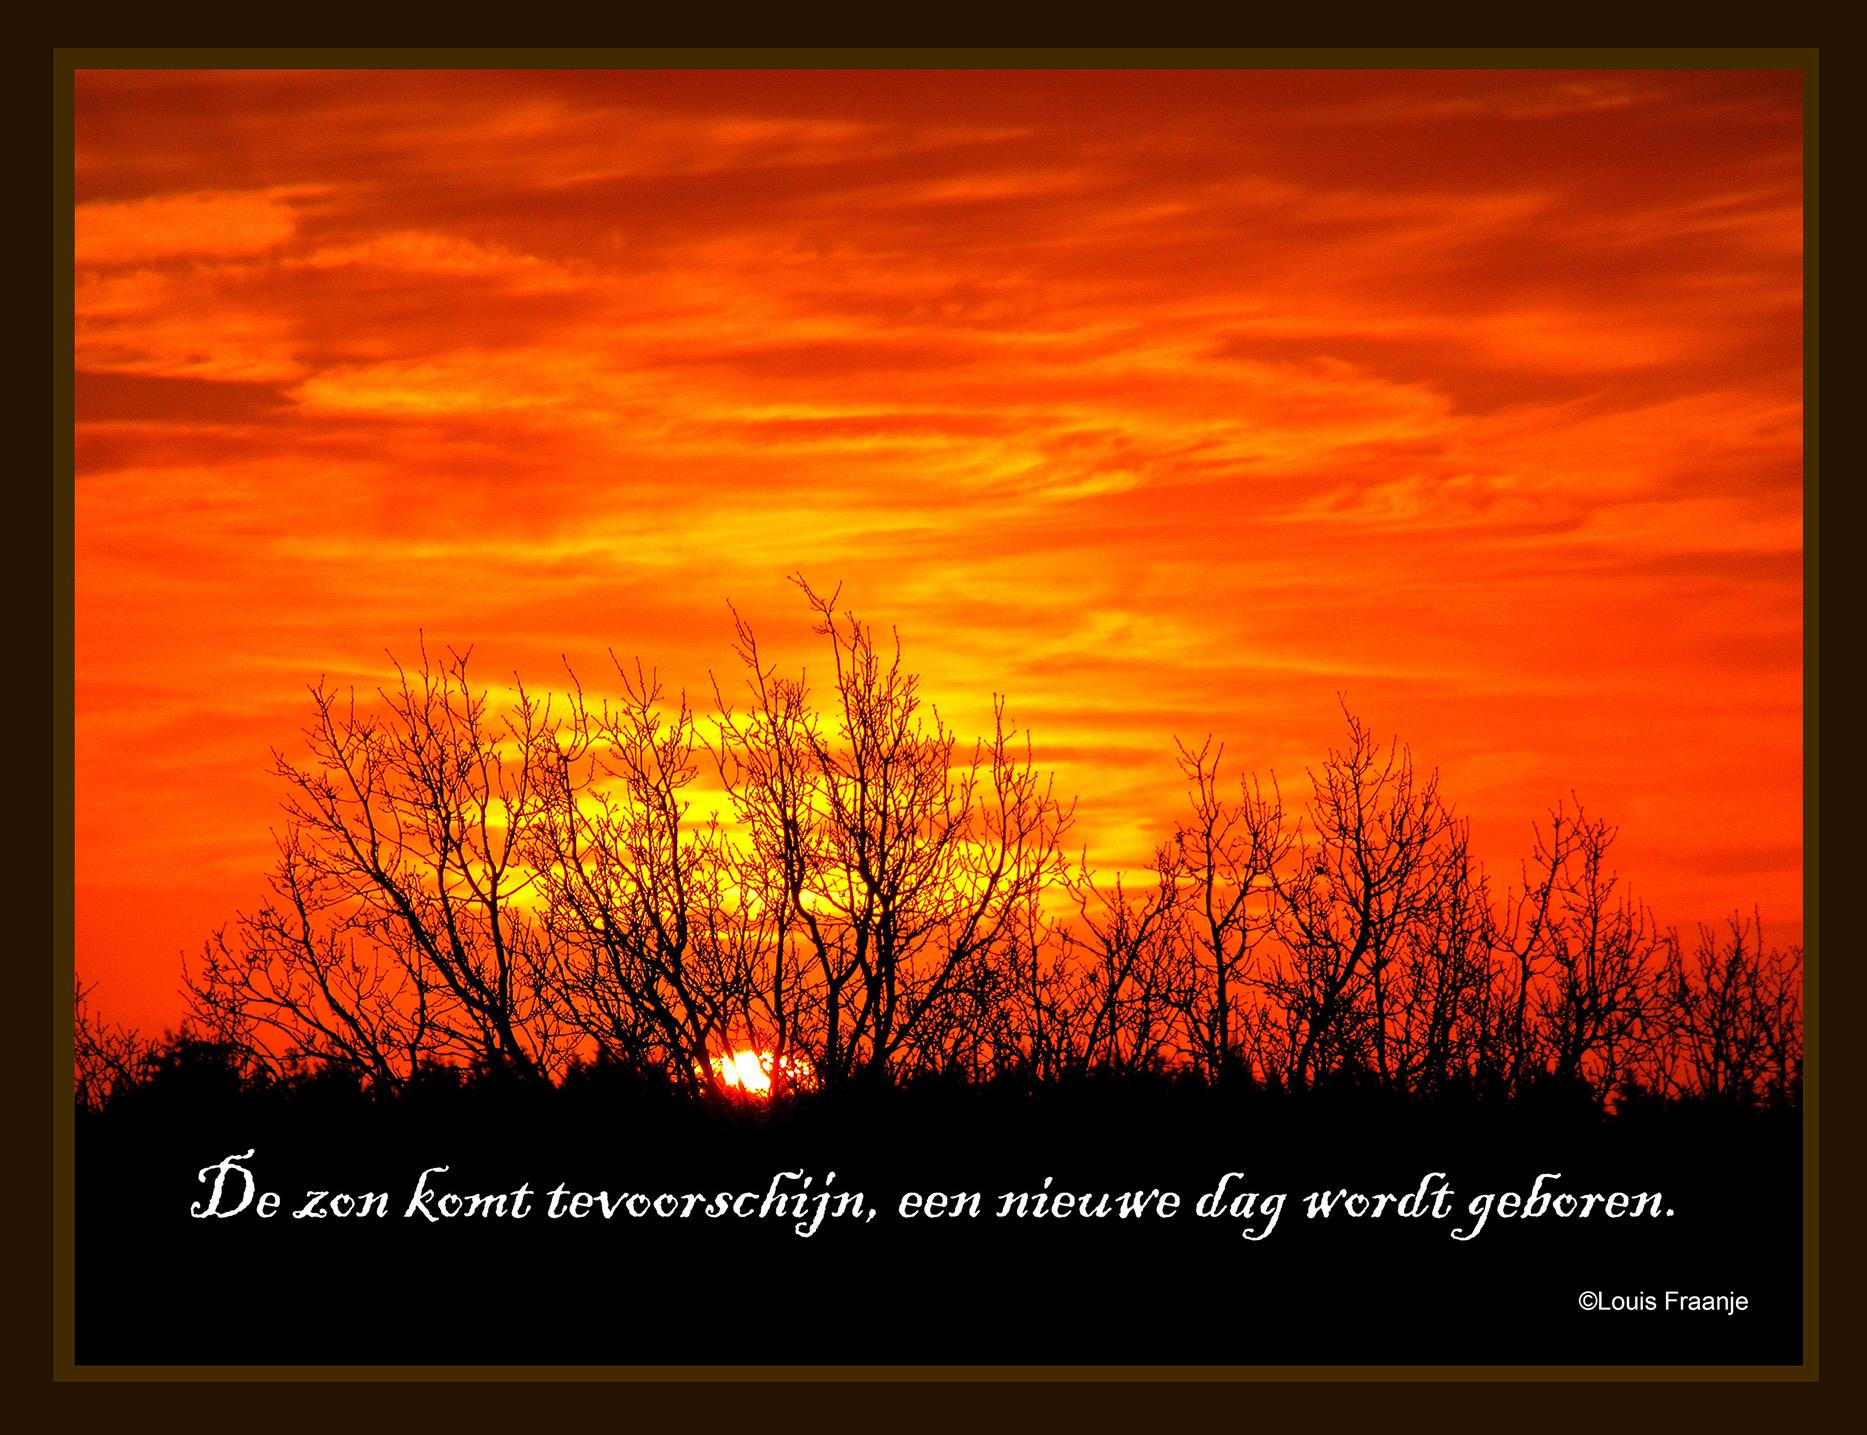 Zonsopkomst boven de Veluwe is iedere morgen voor ons een 'bijzonder' moment...  - Foto: ©Louis Fraanje